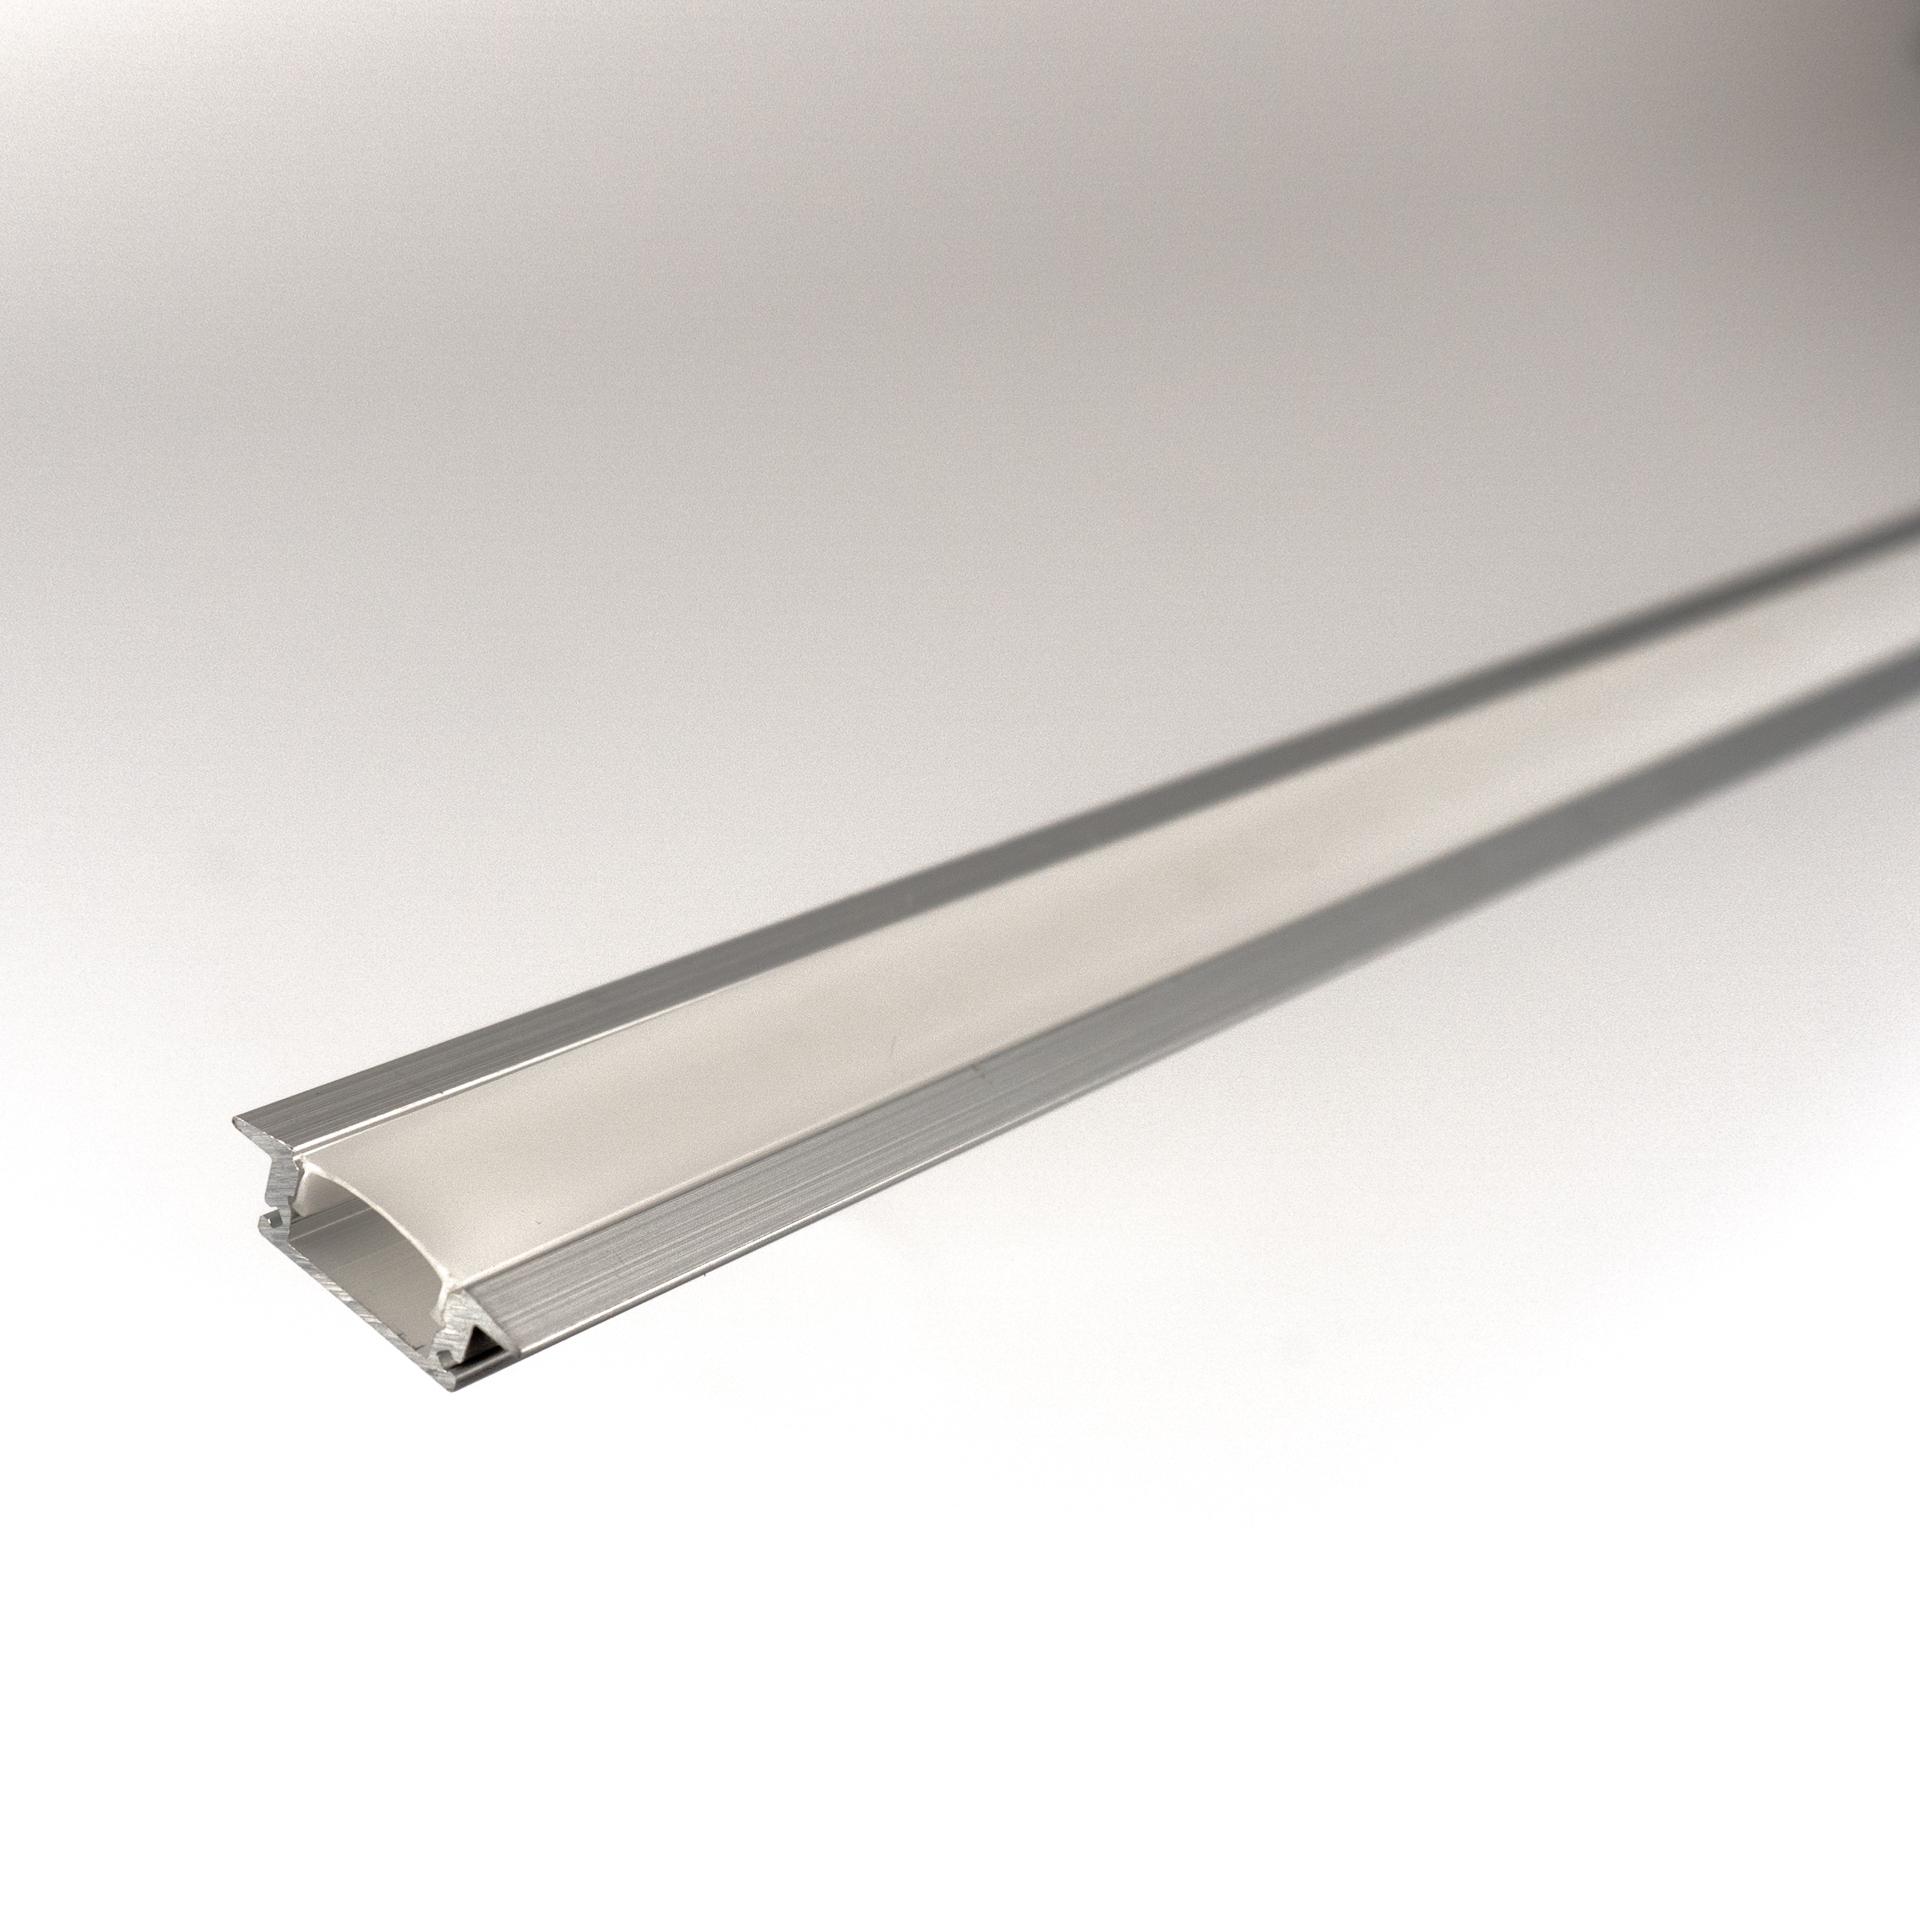 Alu Süllyeszthető Profil LED Szalaghoz Opál Borítással LPR-2SO